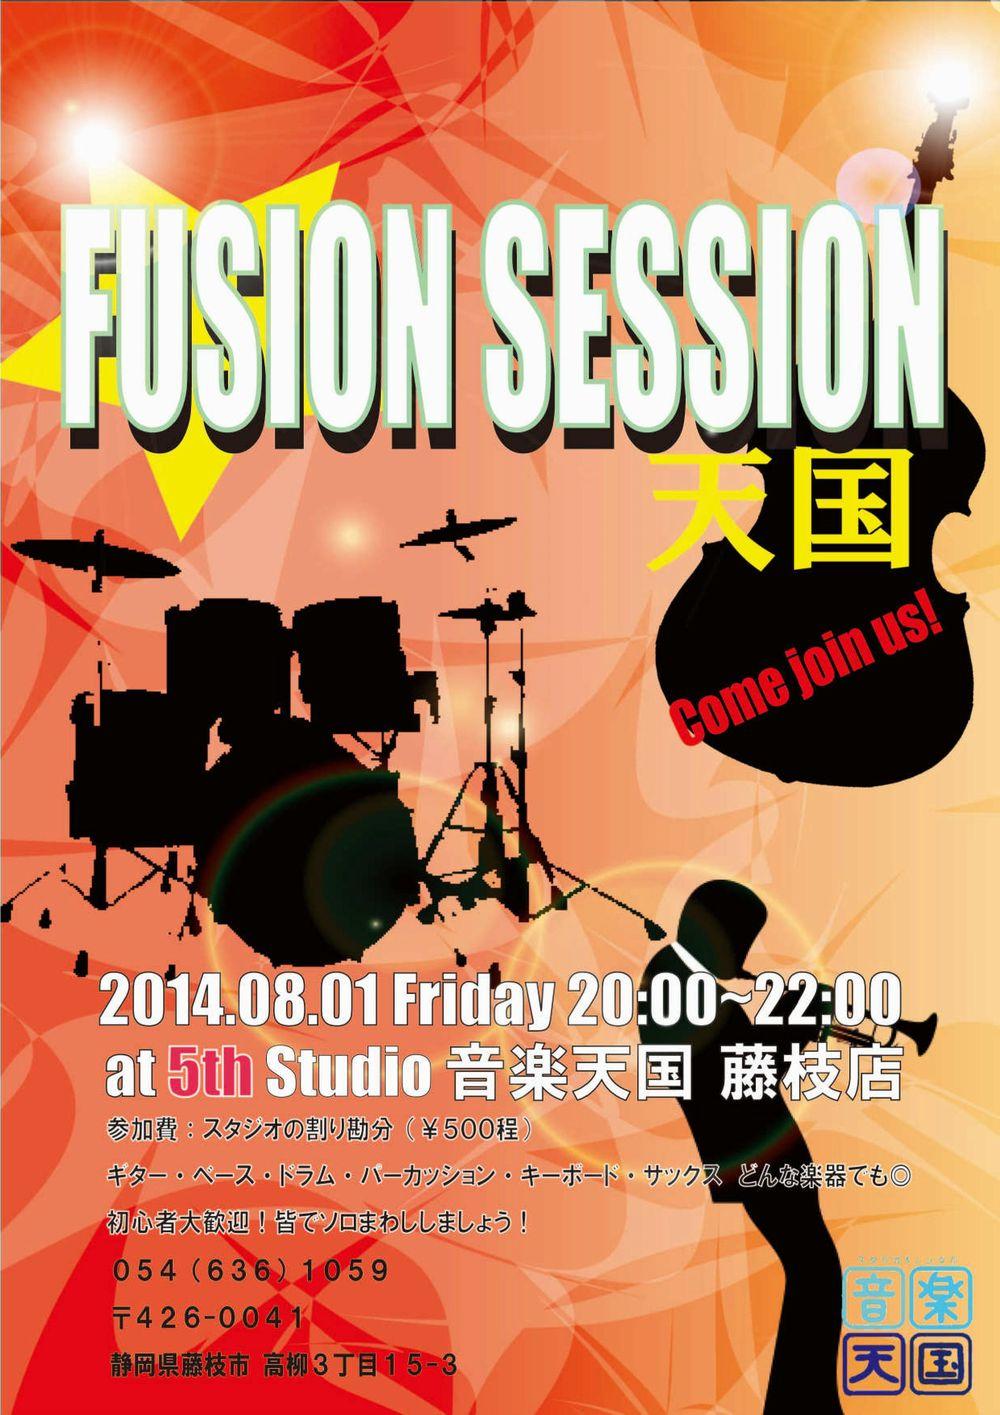 フュージョン・セッション天国@音楽天国・藤枝店8月1日(金)開催